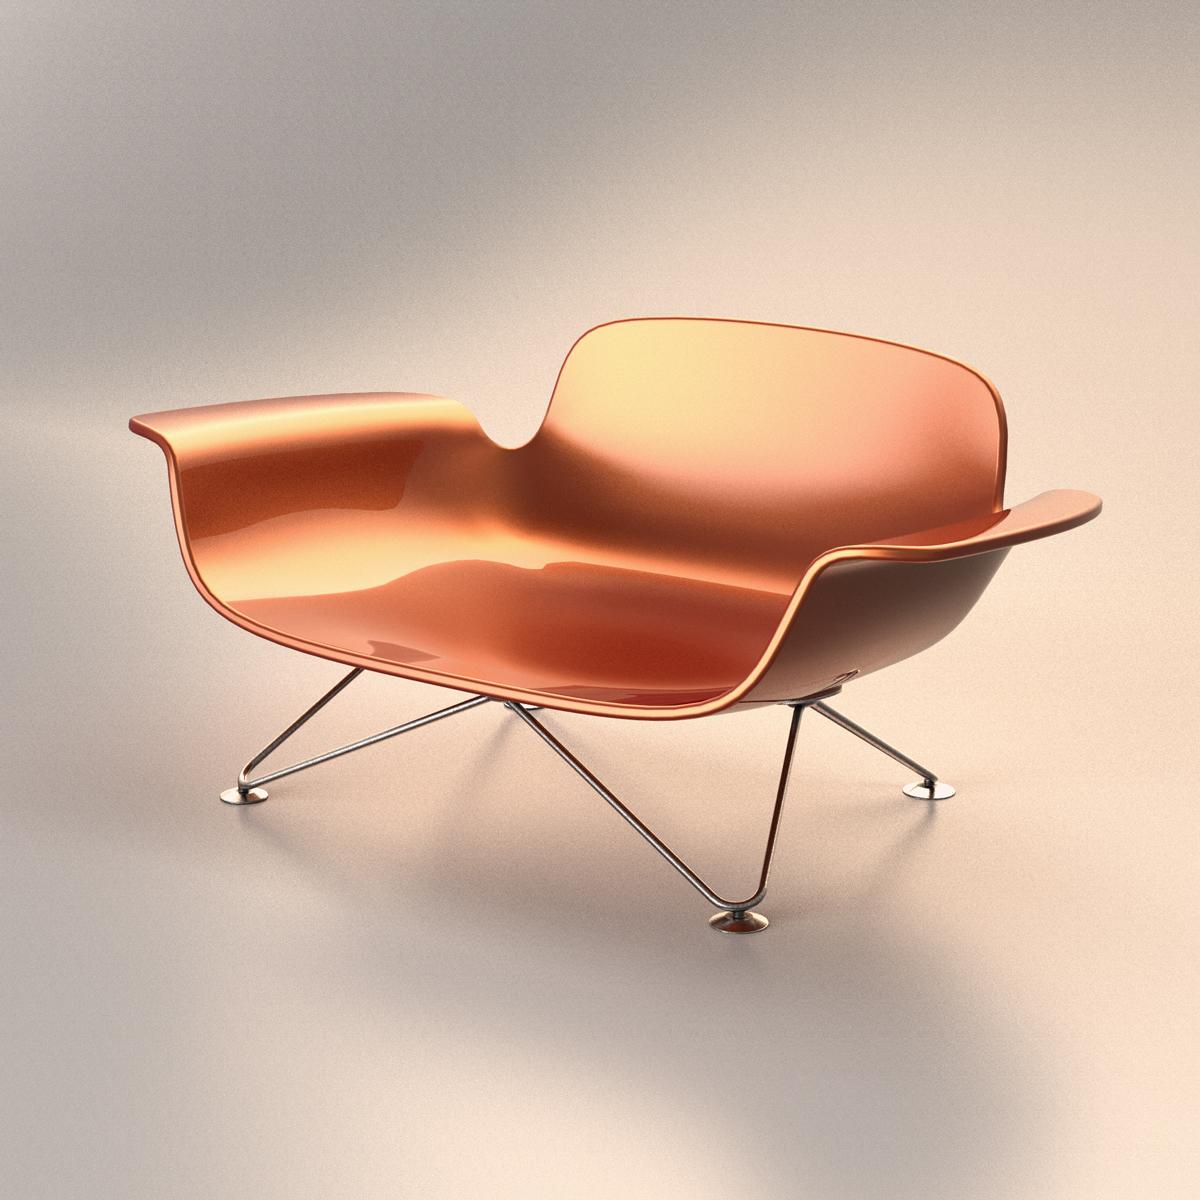 chair-34.jpg